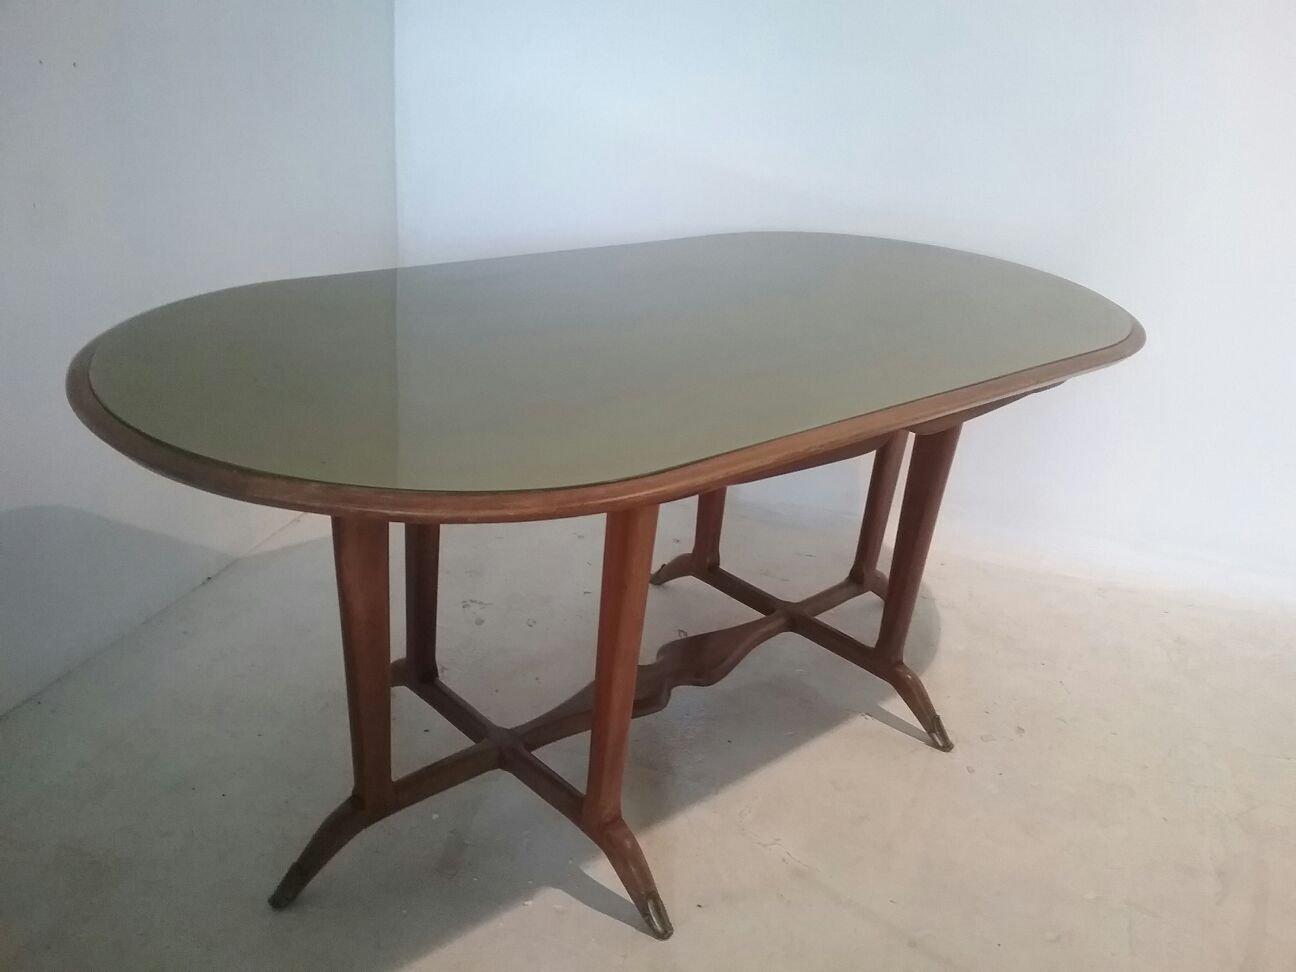 Tavolo Da Pranzo Vintage In Legno E Vetro In Vendita Su Pamono